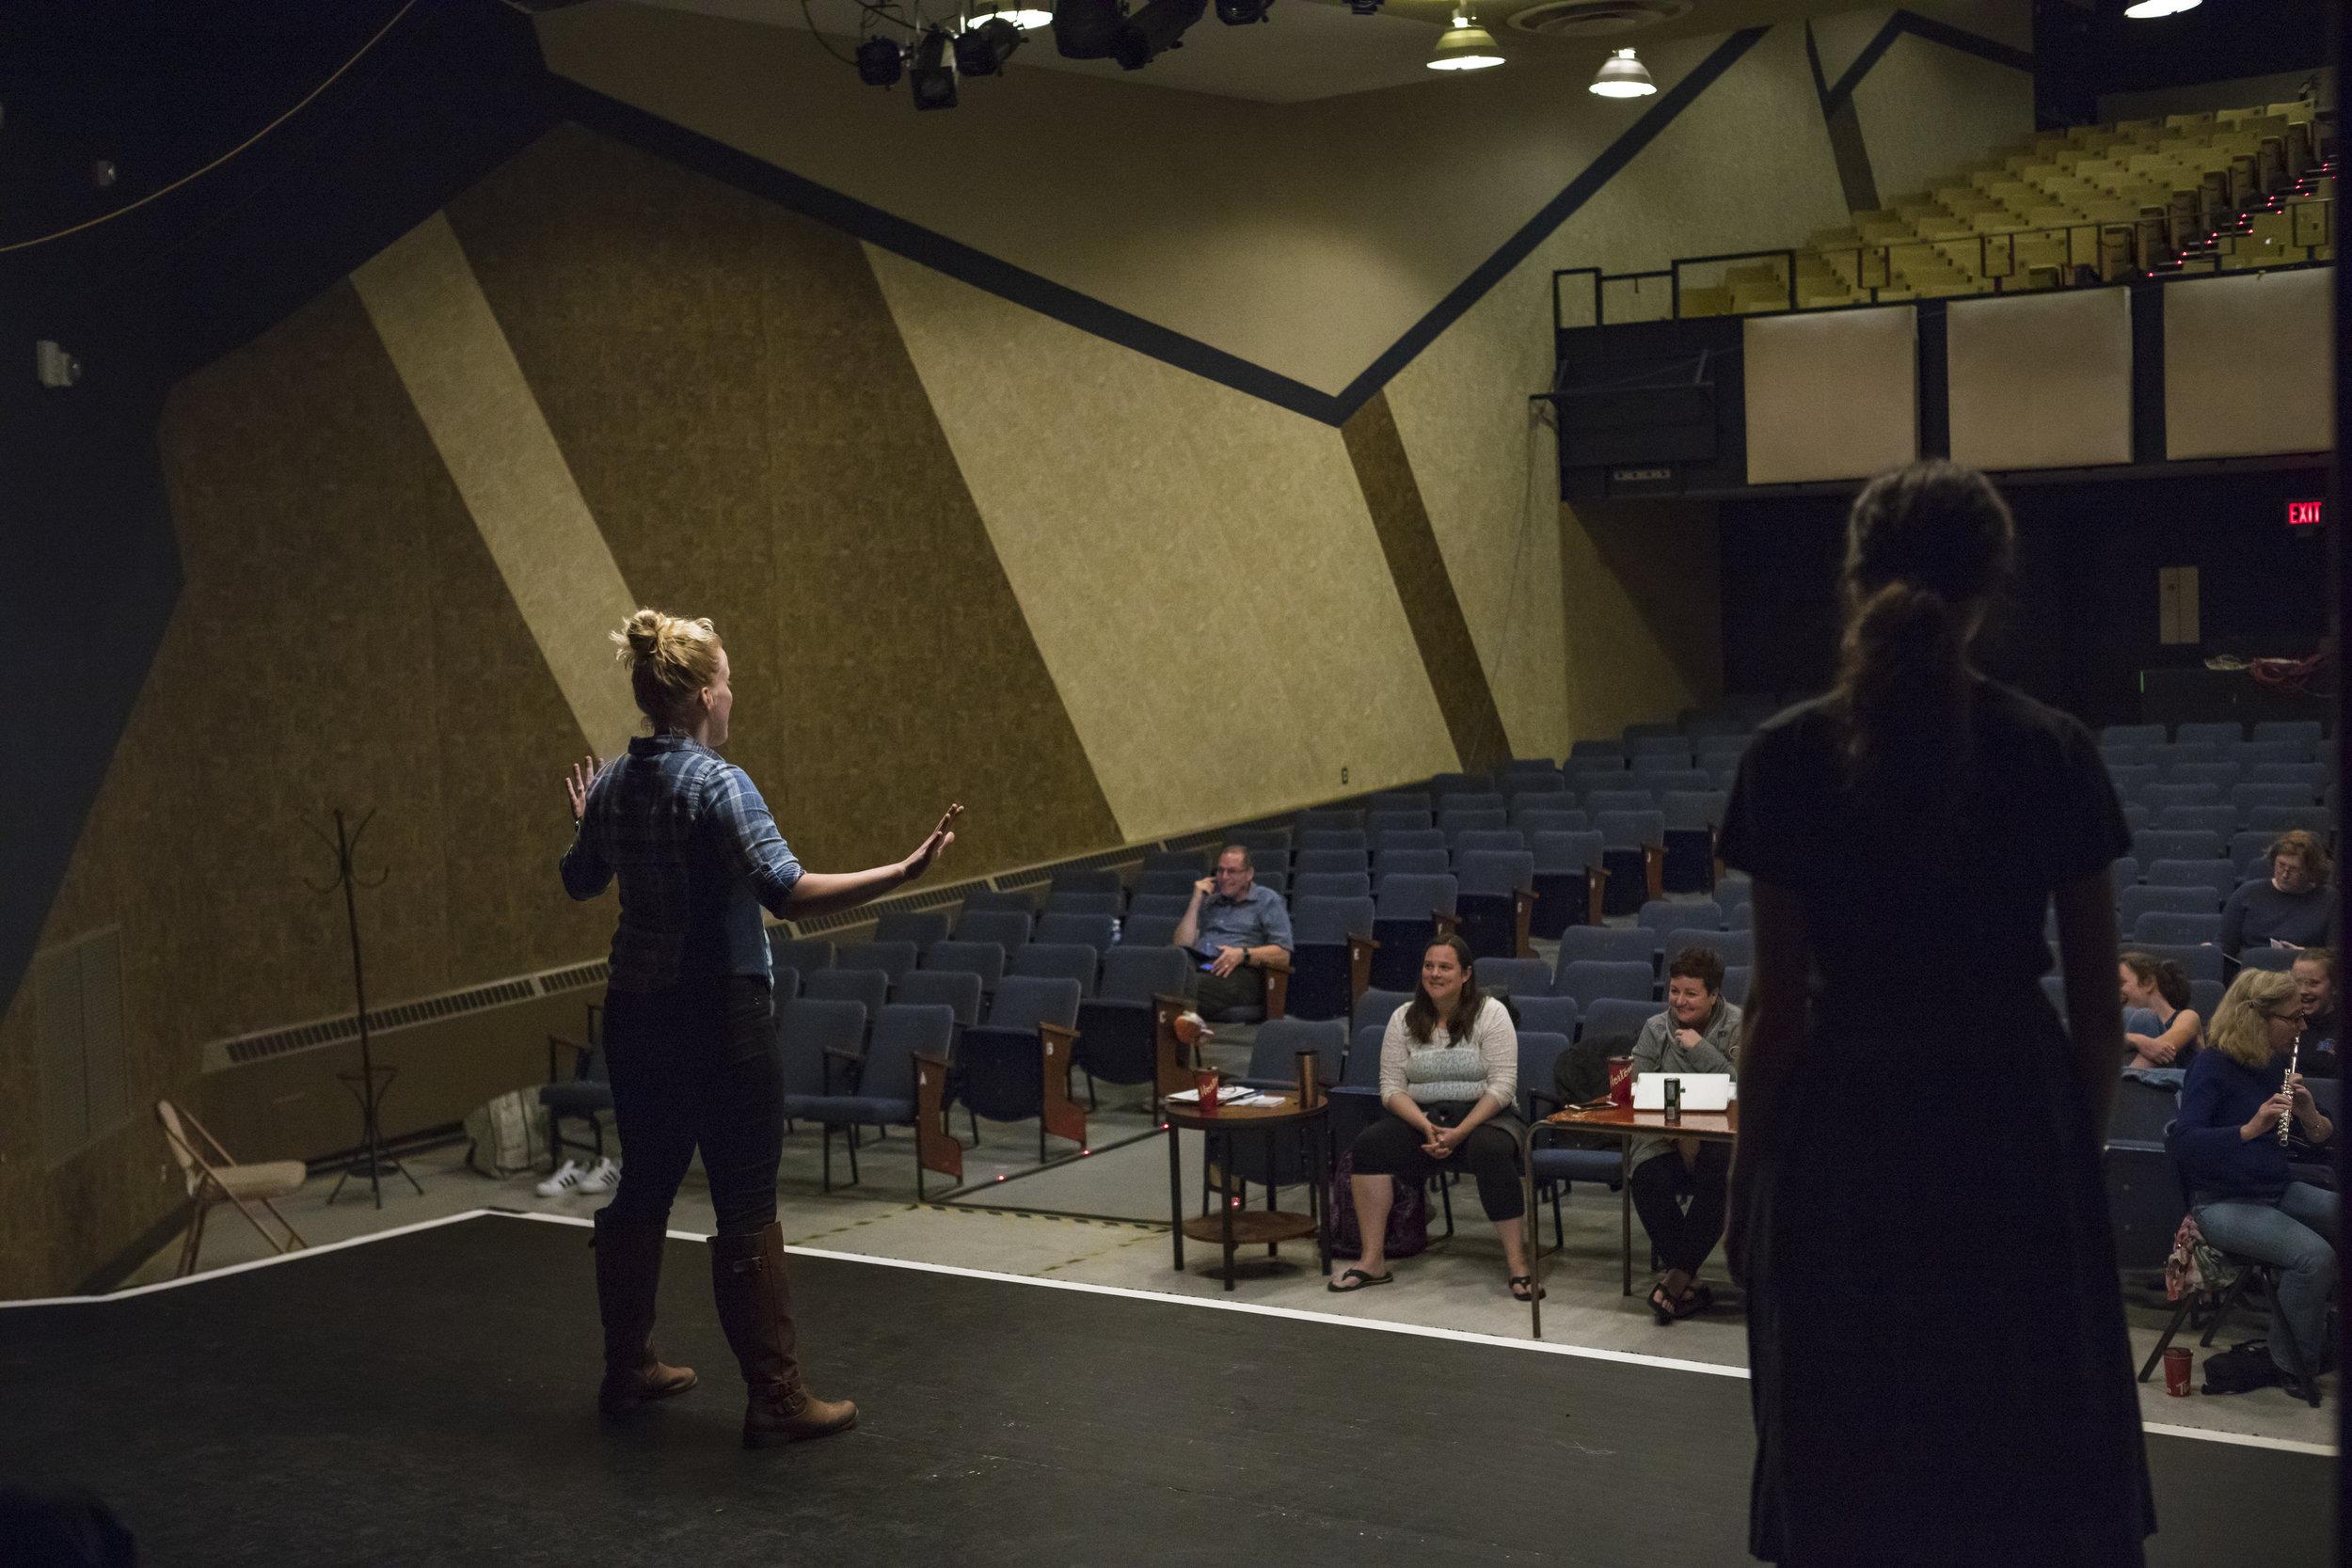 Mary Poppins - Streetlight Theatre Company - Rehearsal Shoot #2 - 23 Sep '18 - 138.JPG